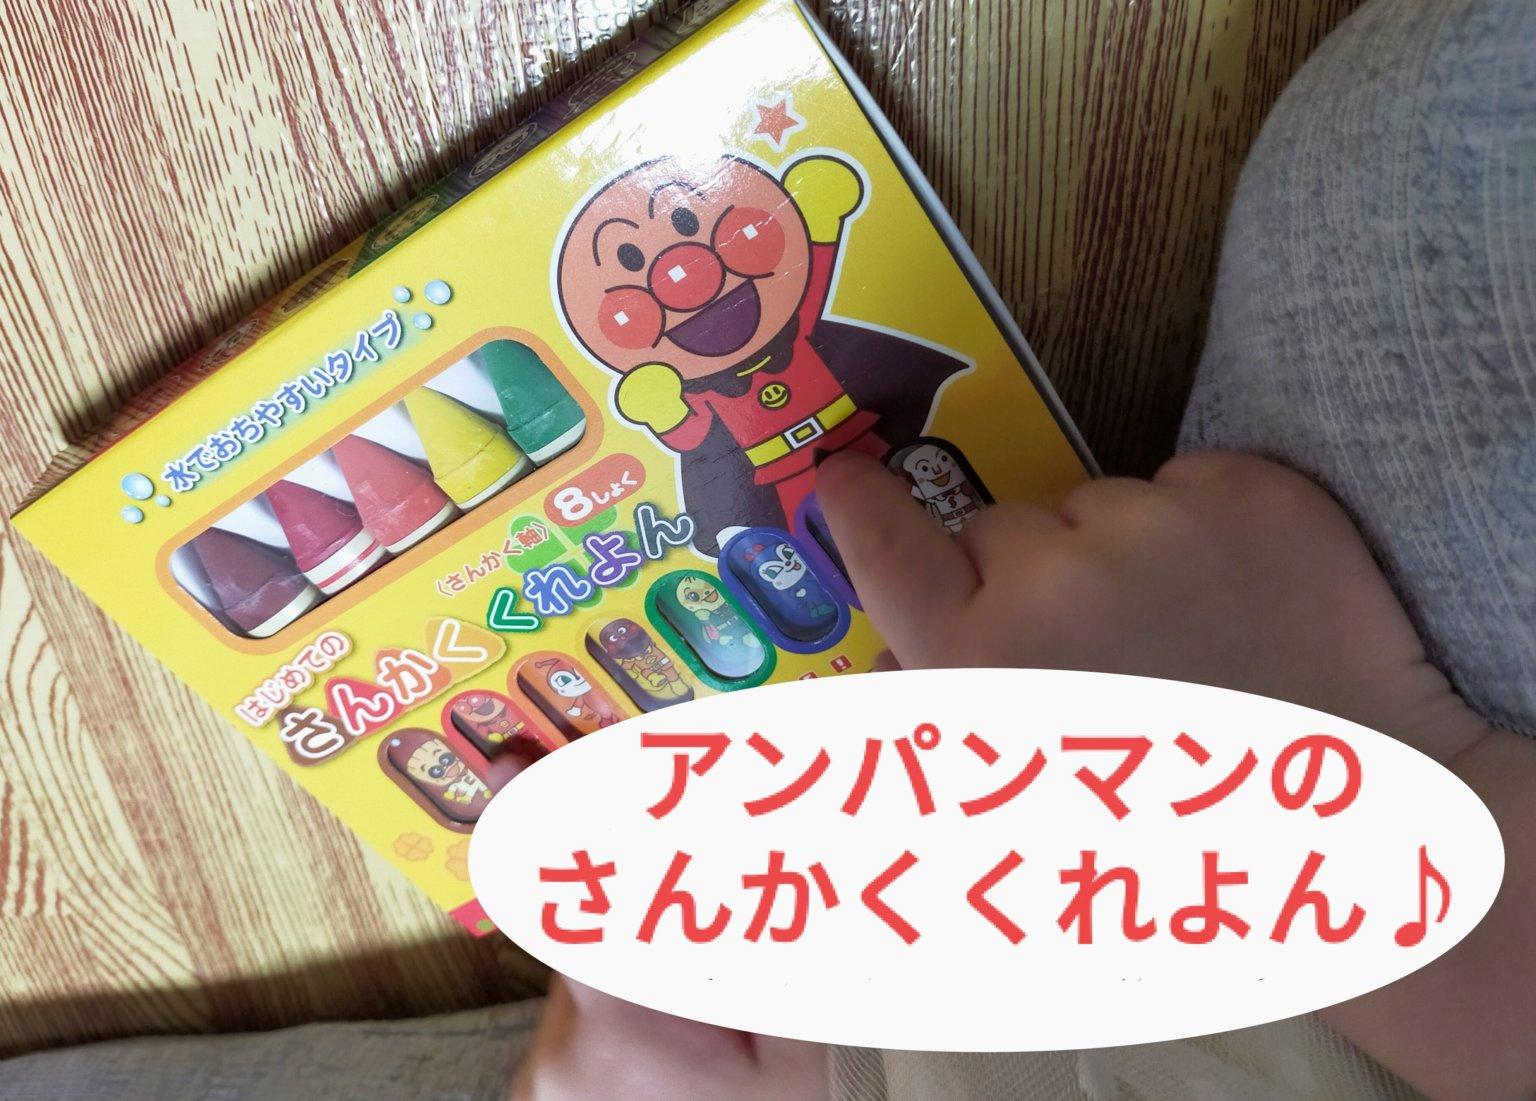 【おすすめ】子供が喜ぶ塗り絵やお絵かき♪「アンパンマンのさんかくクレヨン」の紹介♪【レビュー】